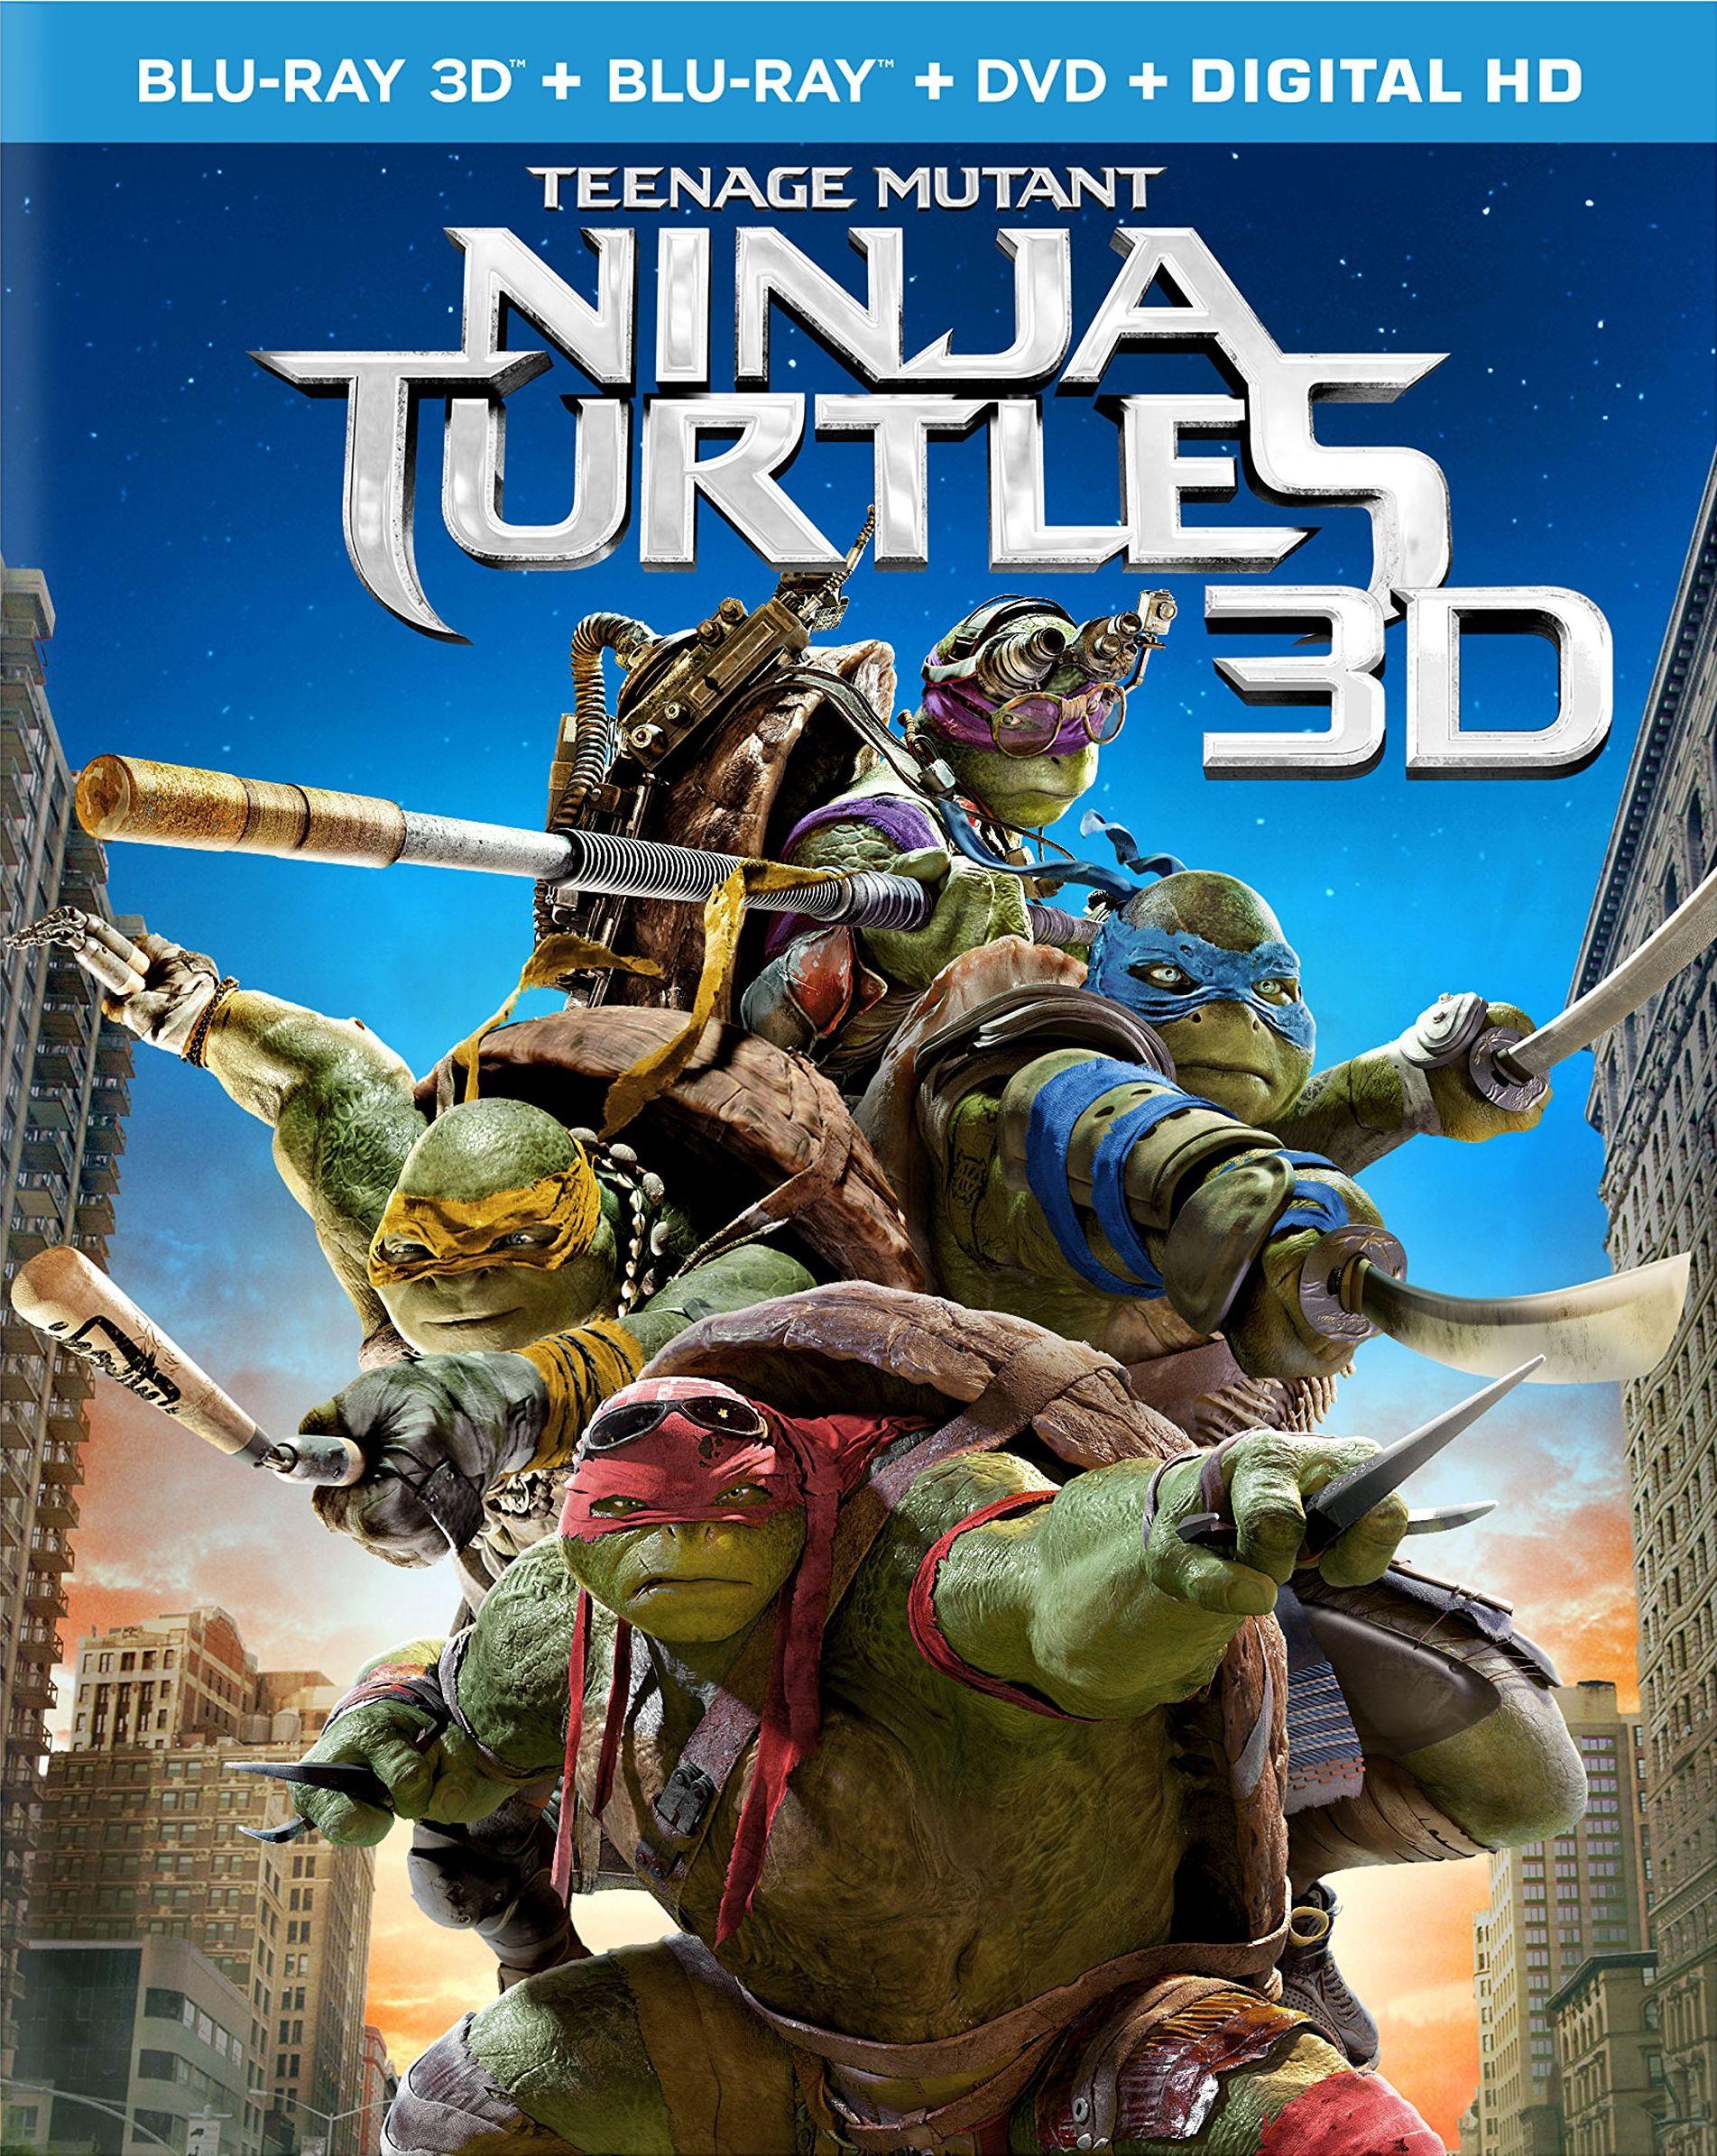 Teenage Mutant Ninja Turtles Dvd Release Date December 16 2014